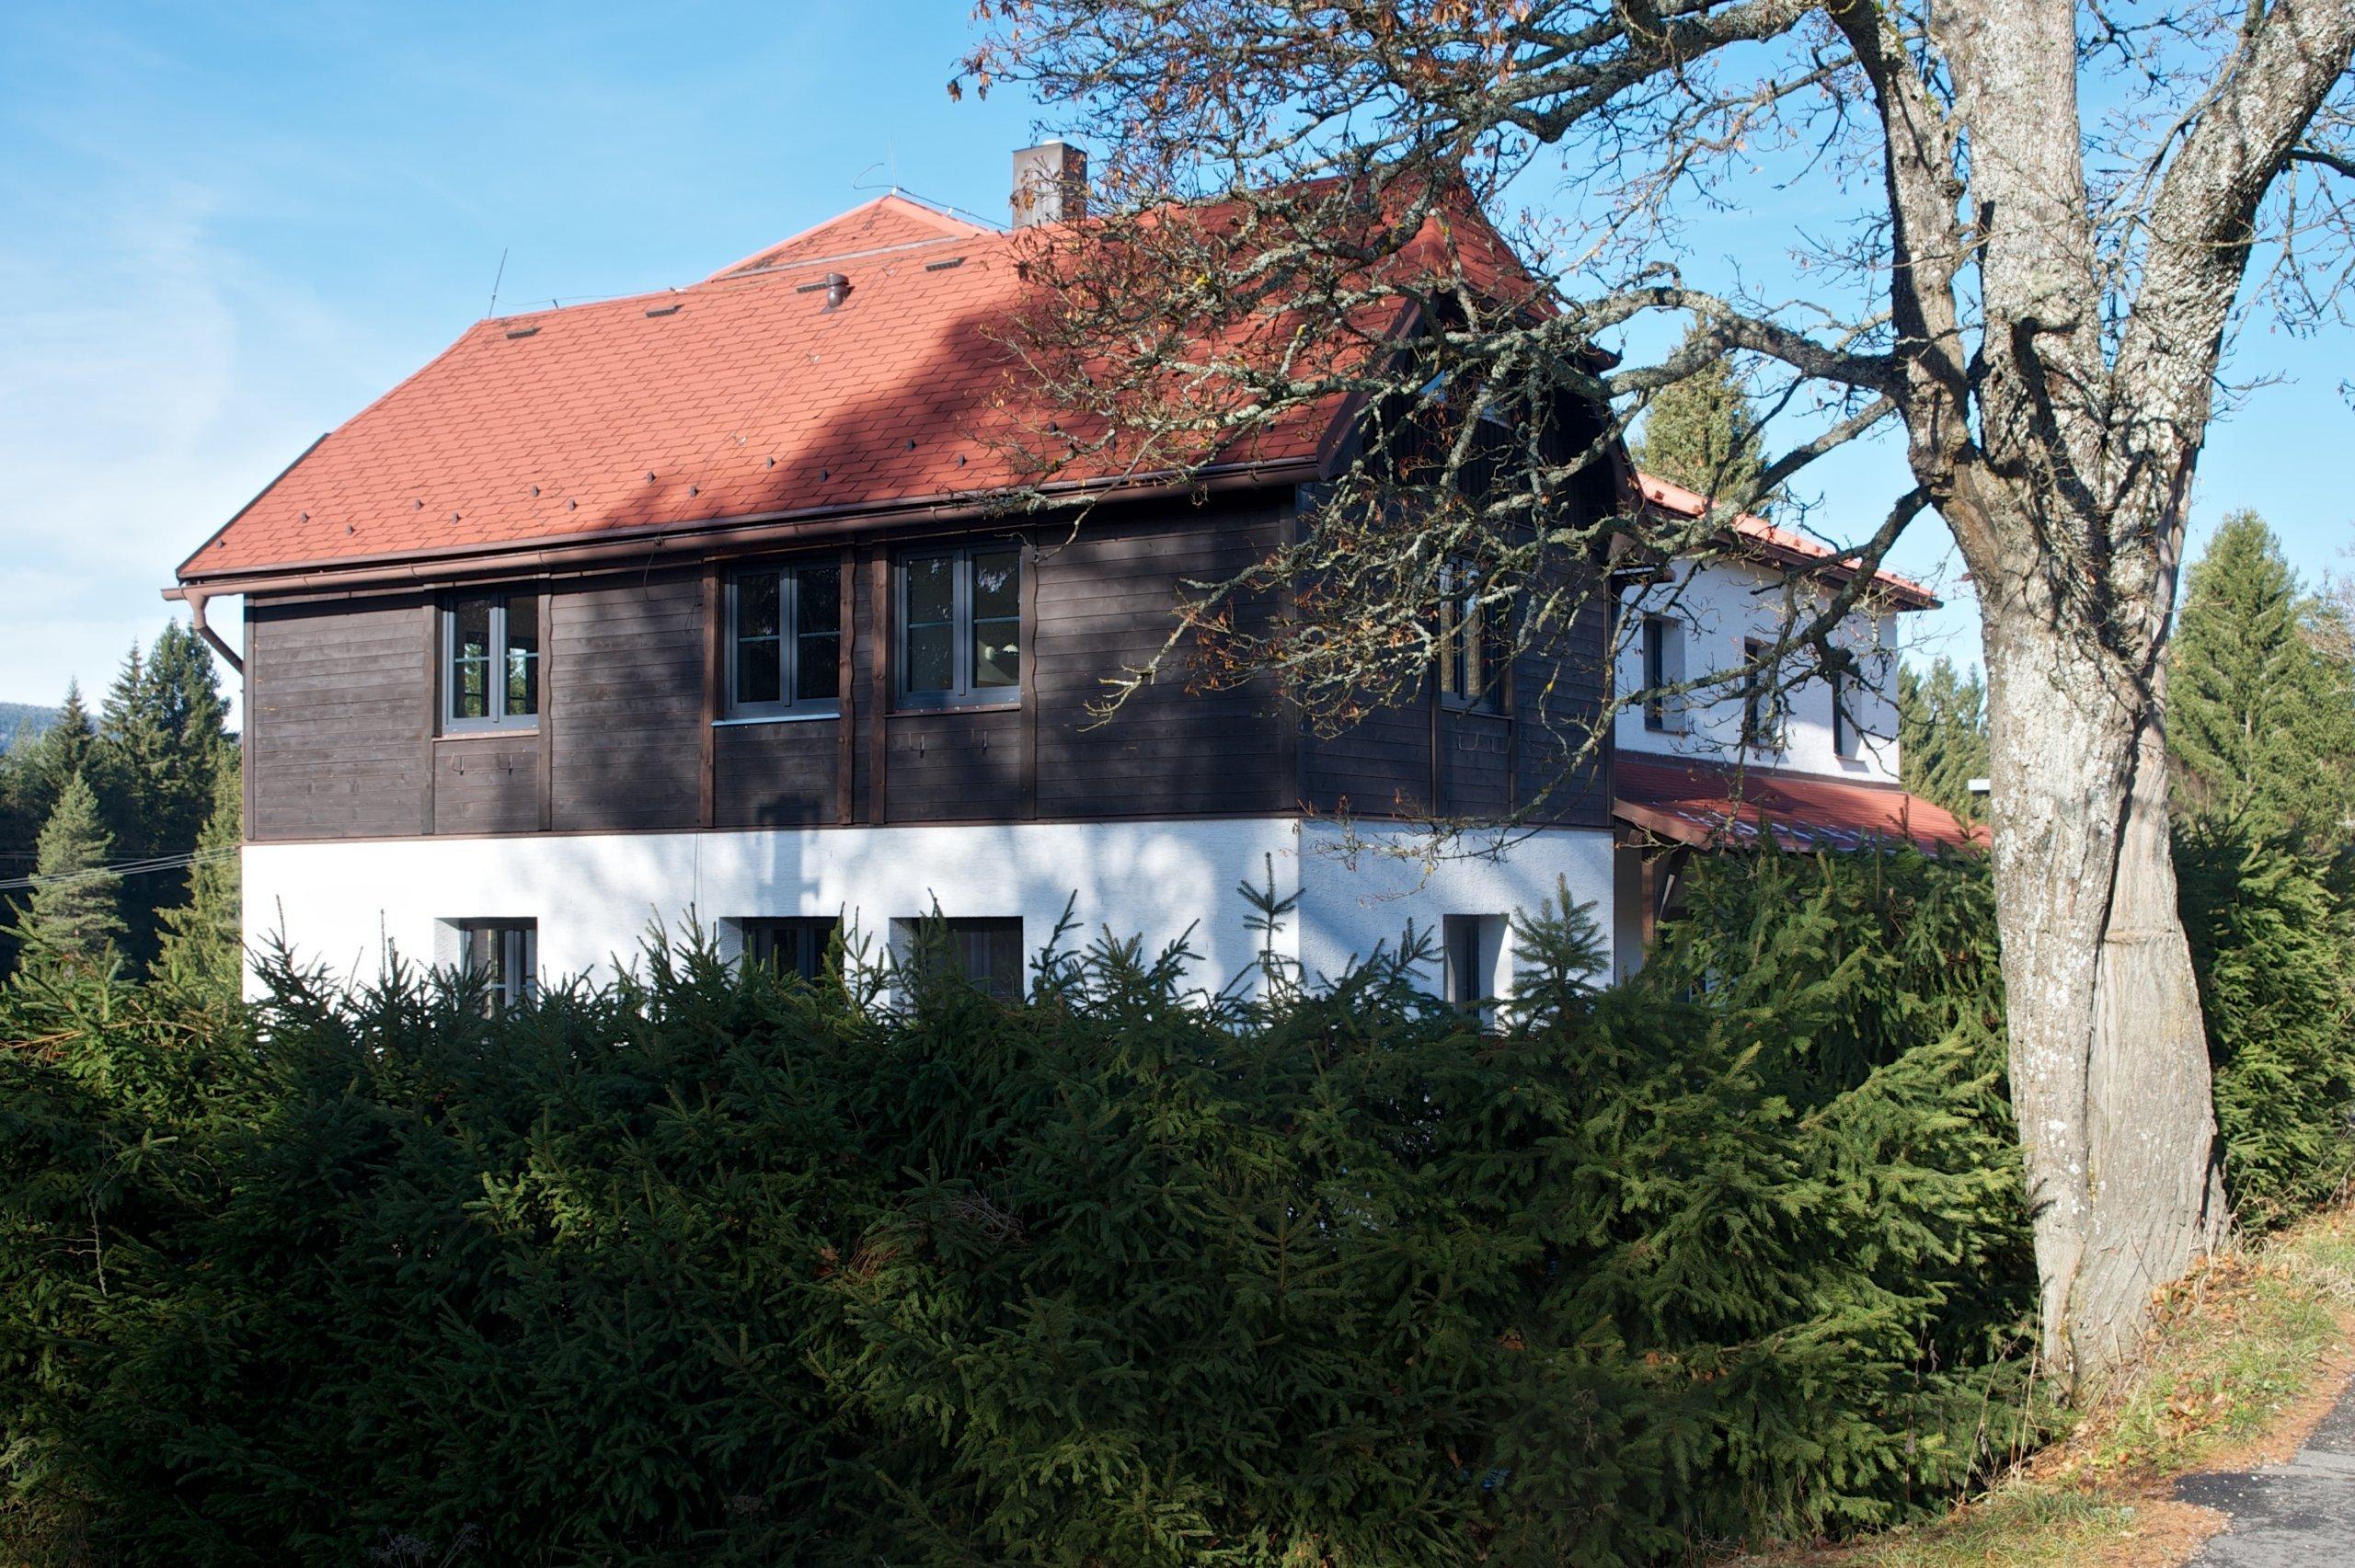 Naši klienti si nechali zrekonstruovat starý penzion v panenské části Šumavy. Jeden z bytů si pro sebe přizpůsobili k víkendovým výletům s celou rodinou...…